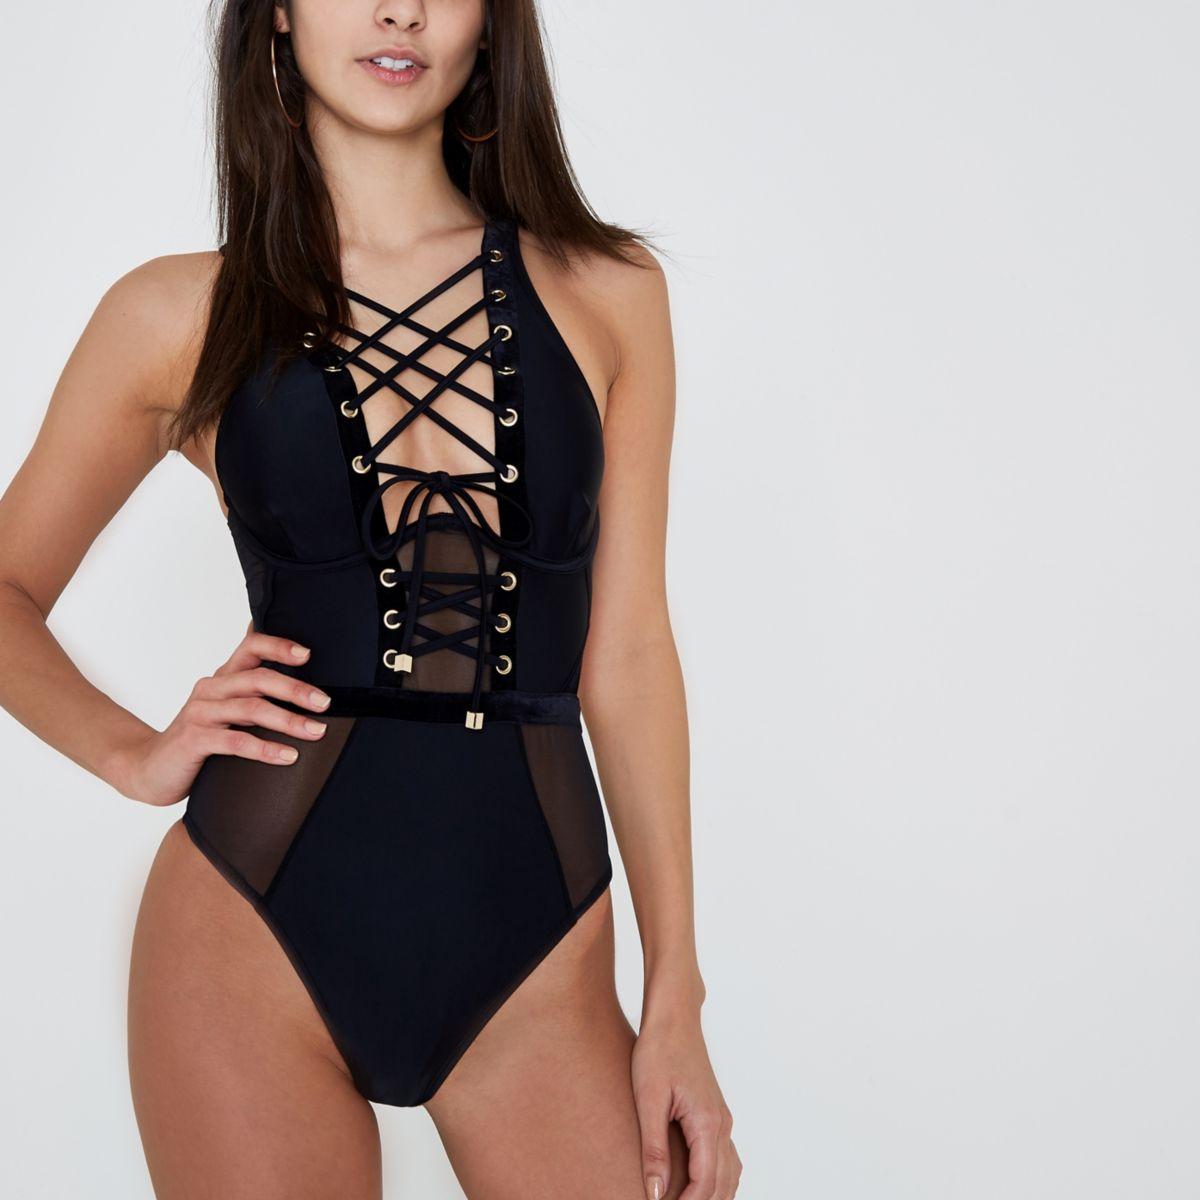 Zwart korsetzwempak met mesh aan de binnenkant